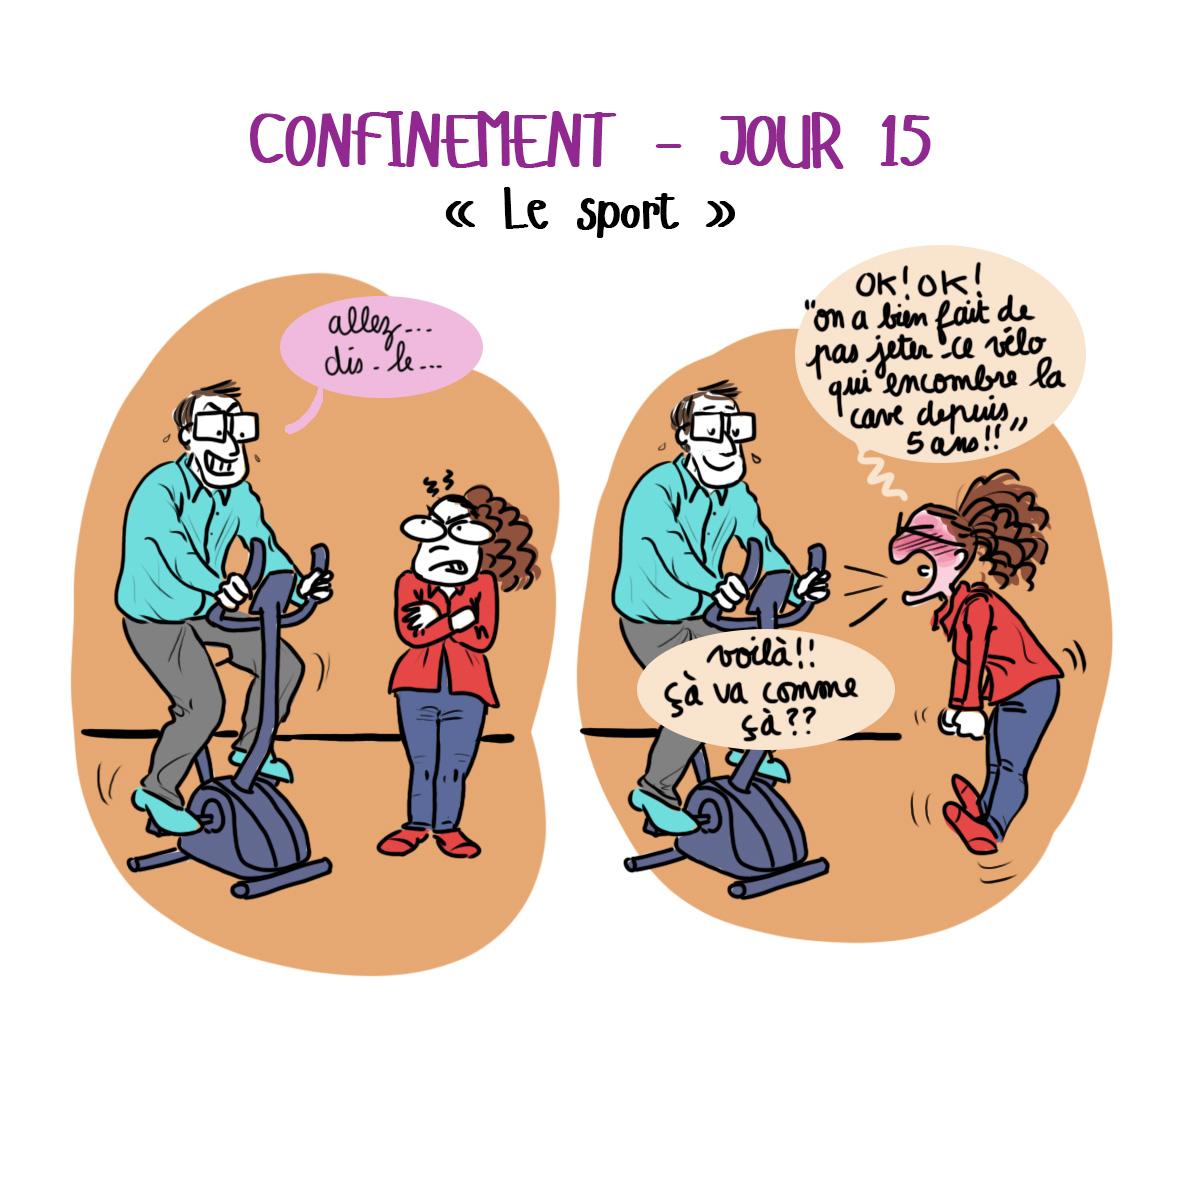 Journal de confinement - jour 15